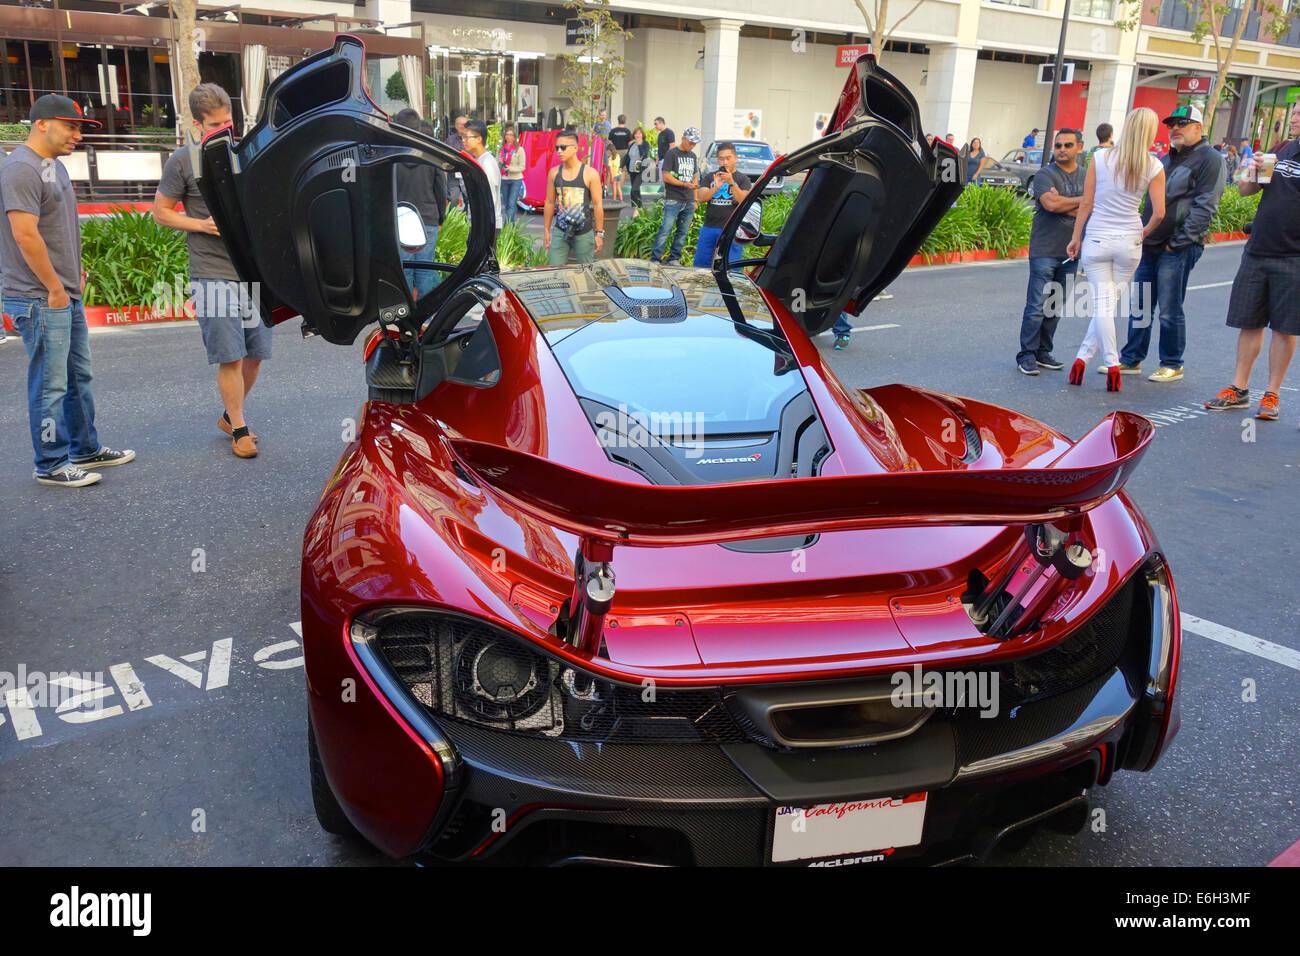 San Jose, California - 23 agosto 2014 una rara 2015 McLaren P1 plug-in hybrid auto parcheggiate al di fuori di un Immagini Stock